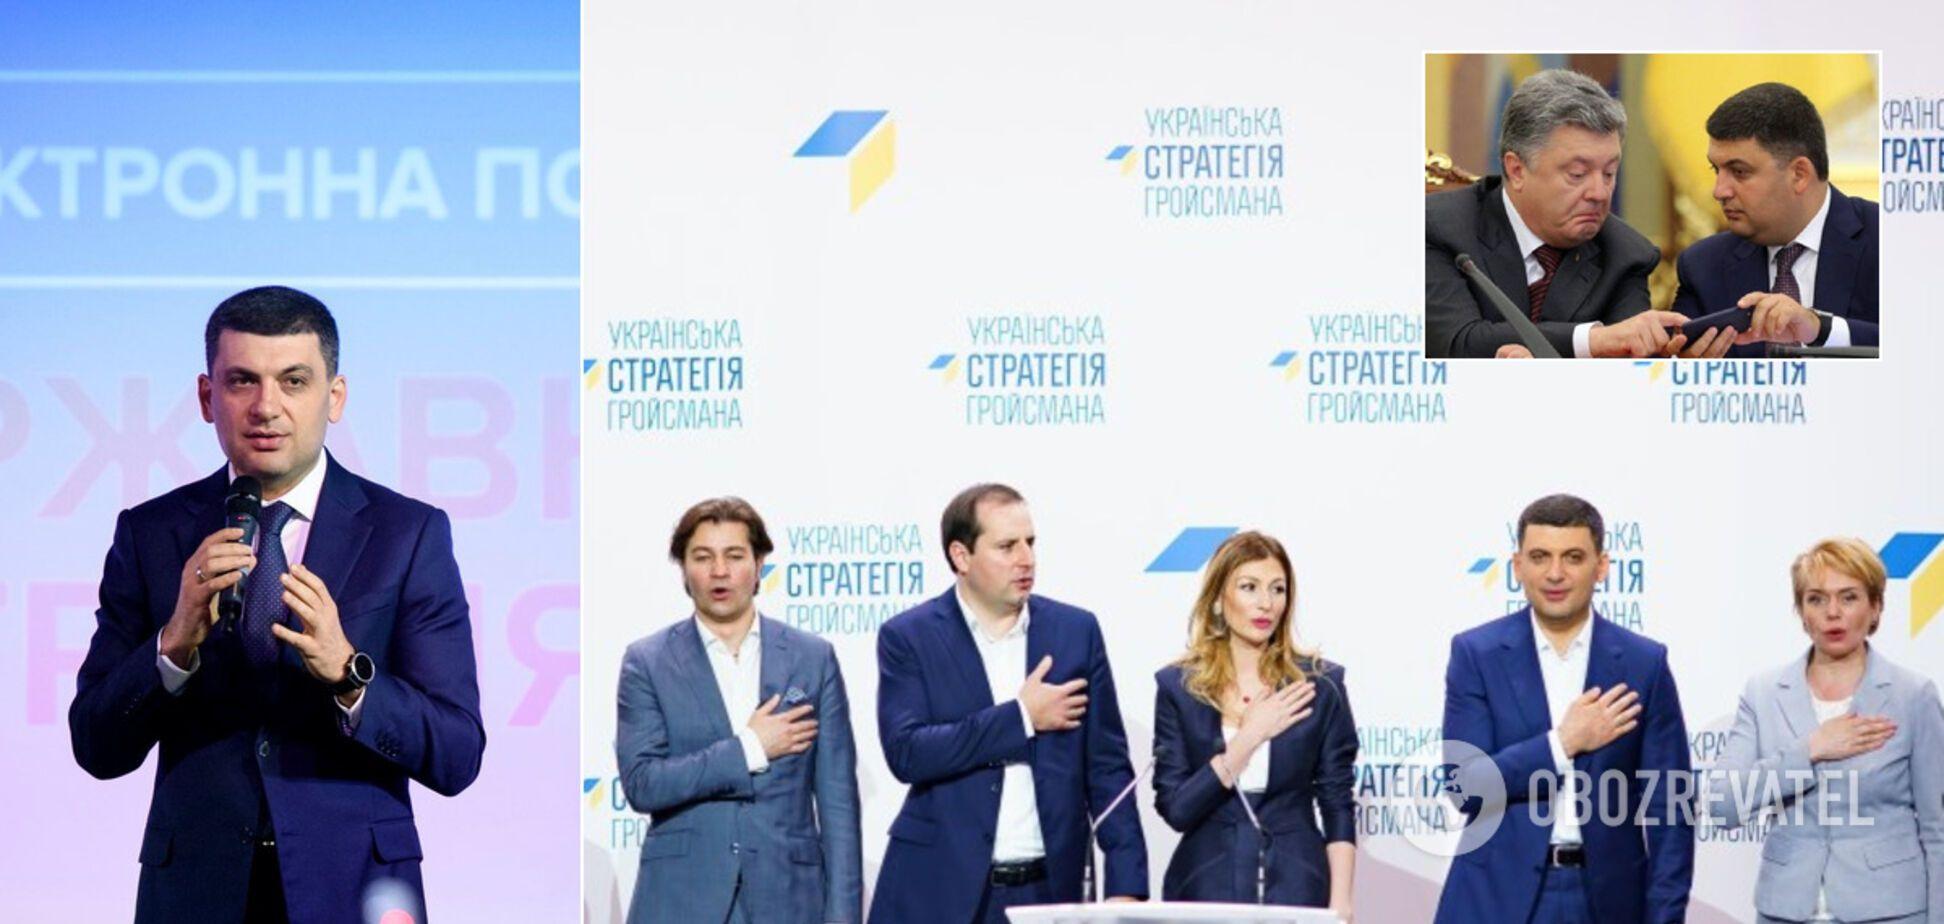 О Донбассе, конфликте с Порошенко и что Зеленский делает не так. Интервью с Гройсманом